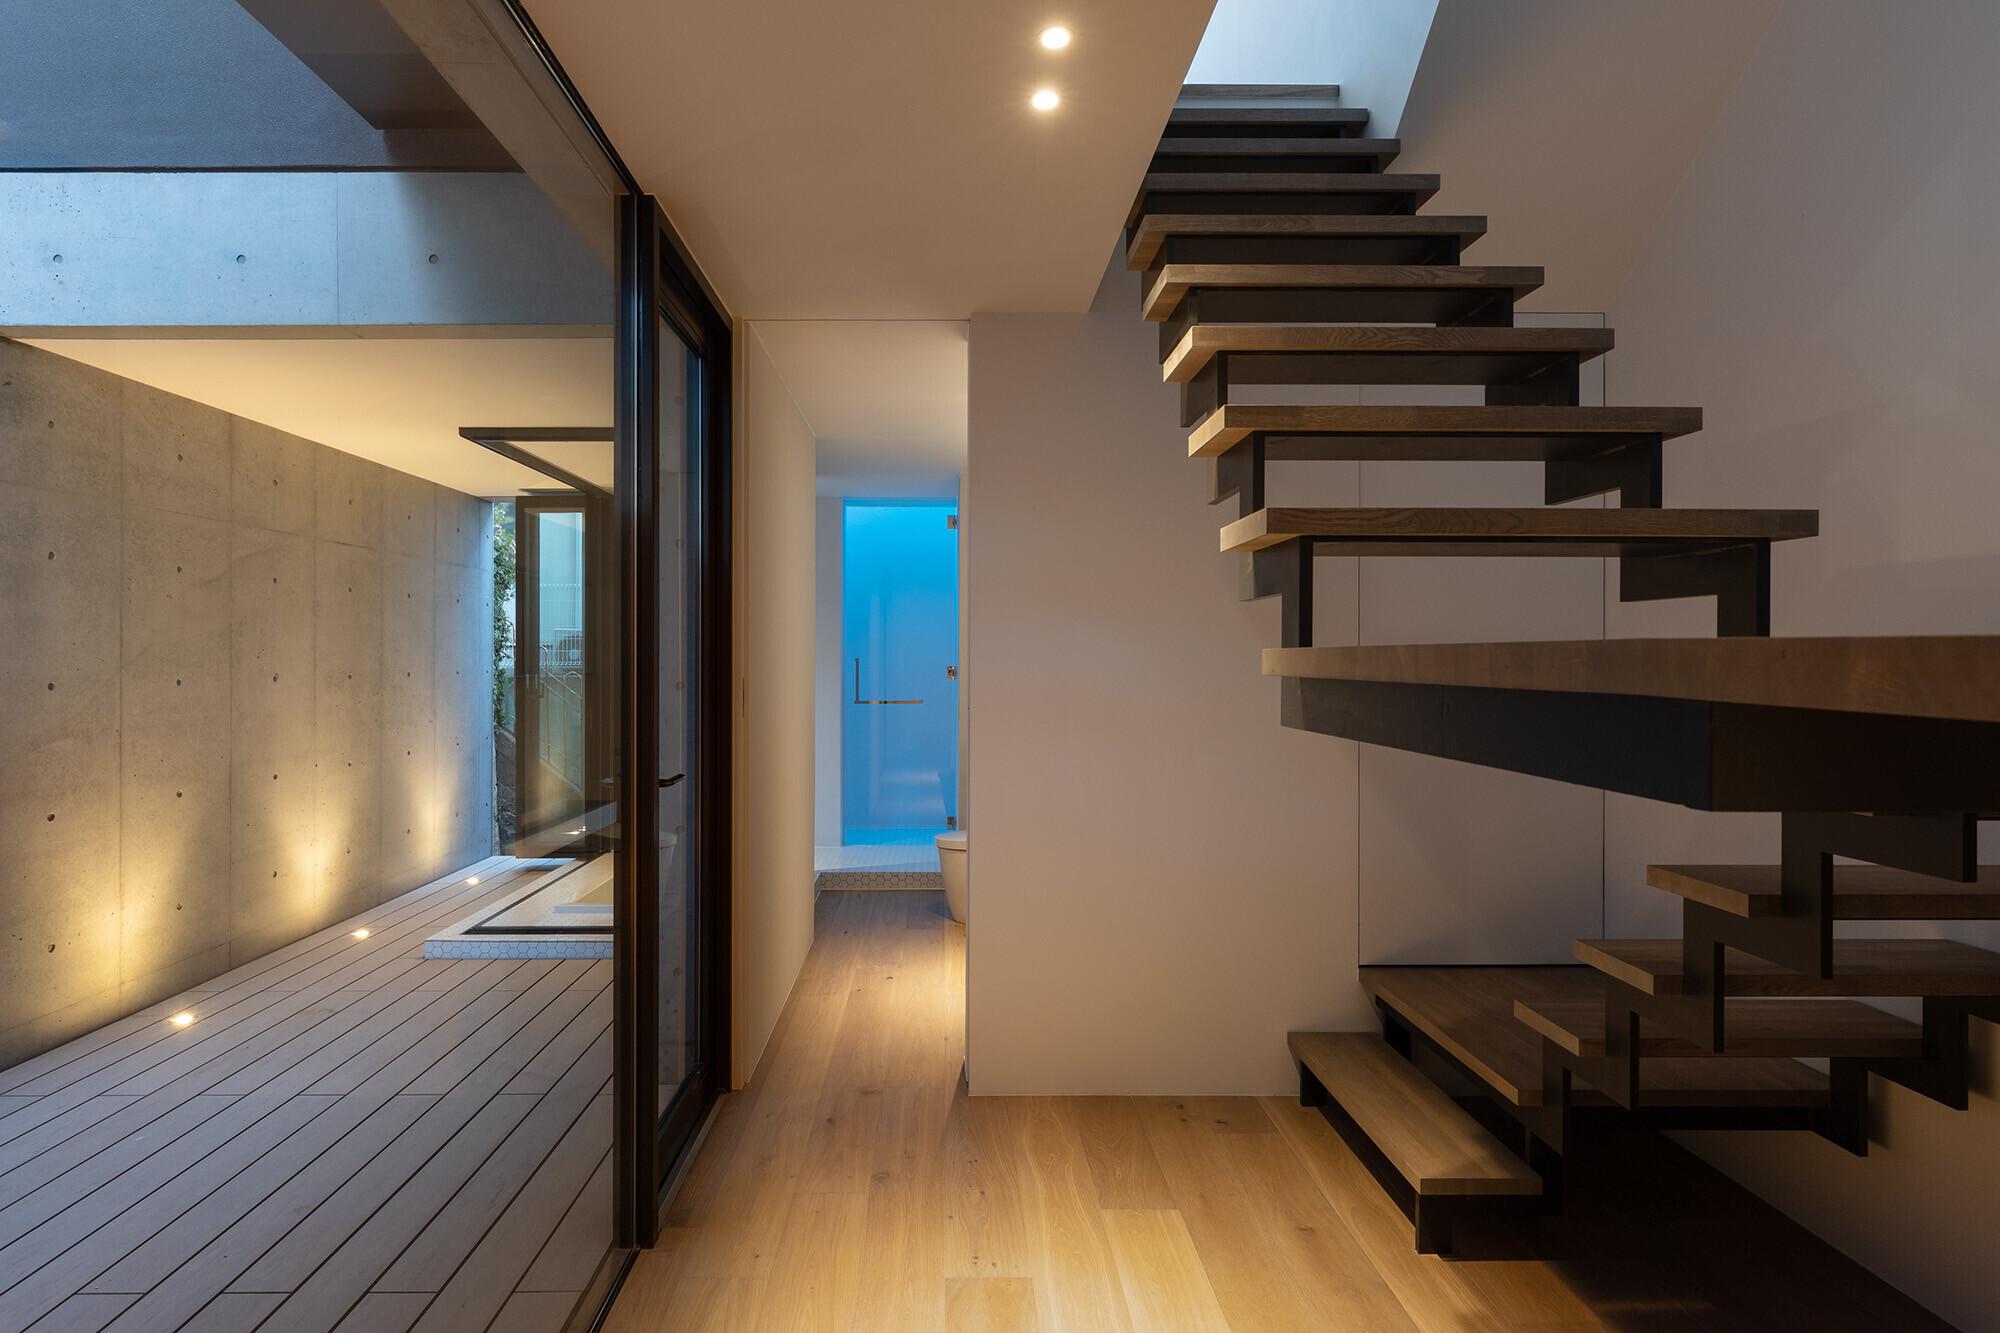 馬込の家<都市型崖地 眺望を活かすRC+木造住宅>の建築事例写真